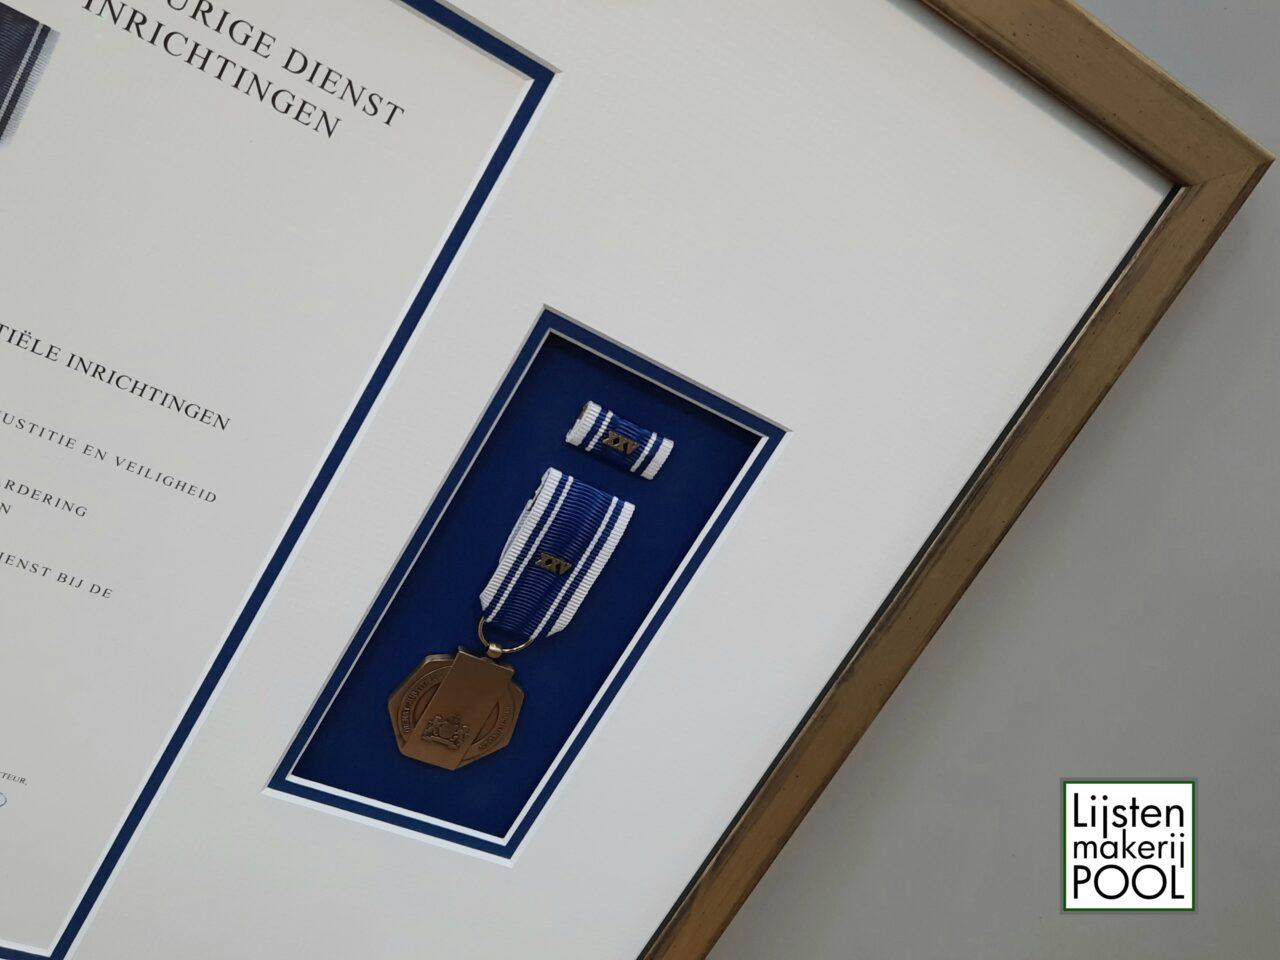 Verdiept ingelijste medaille met oorkonde. Verdiept inlijsten, Lijstenmakerij Pool Elburg.